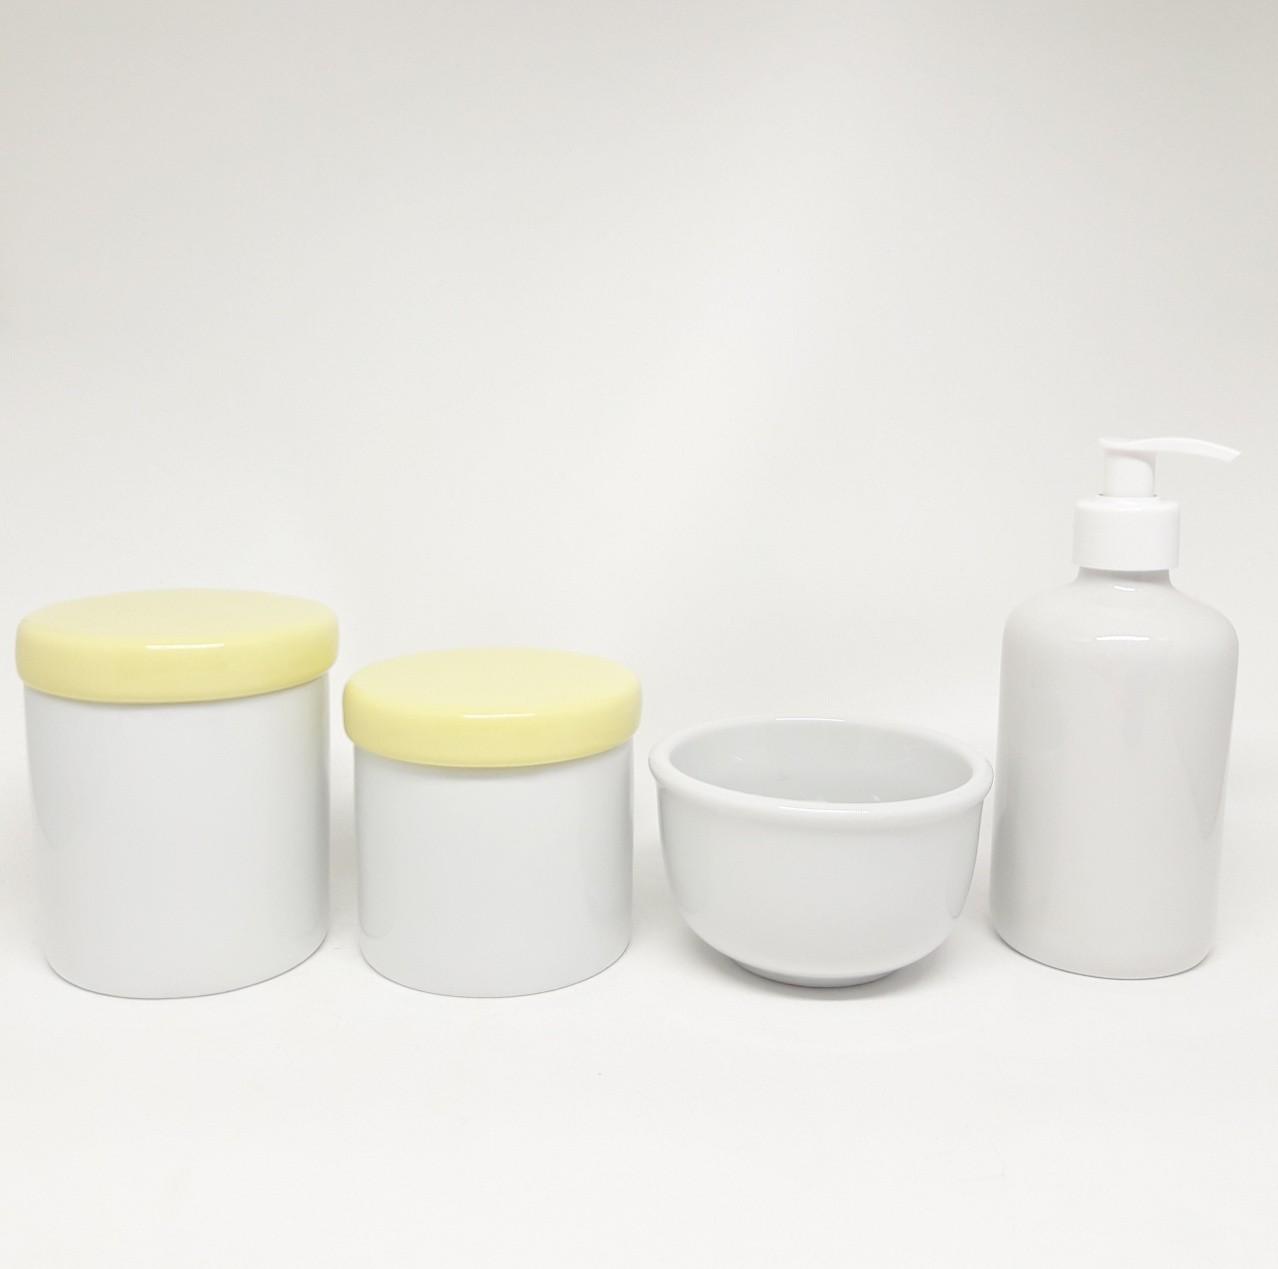 Kit Higiene Bebê Porcelana com Tampas Amarelas